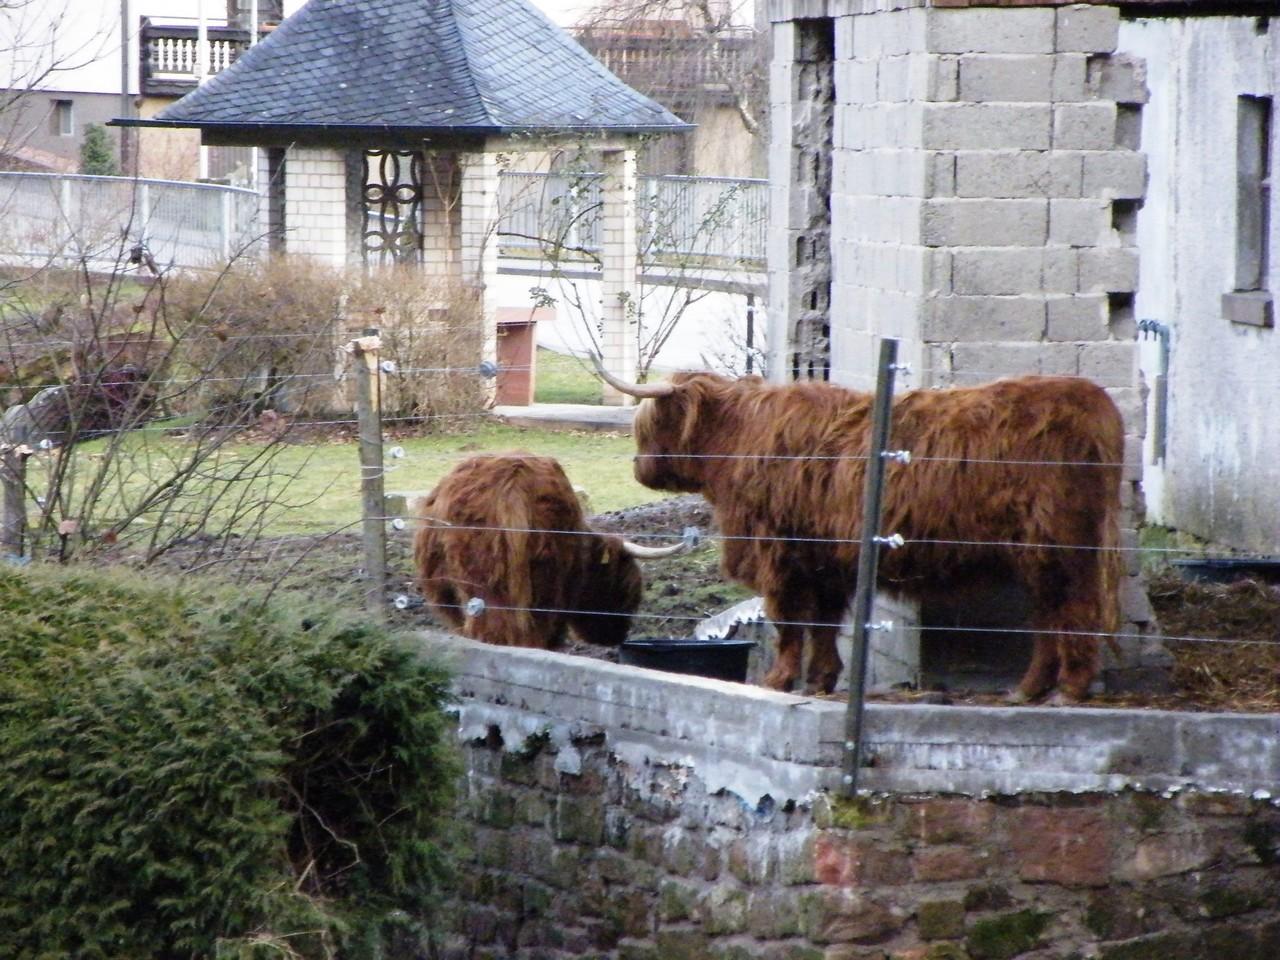 meine neuen pelzigen Nachbarn, einfach schöne Tiere.